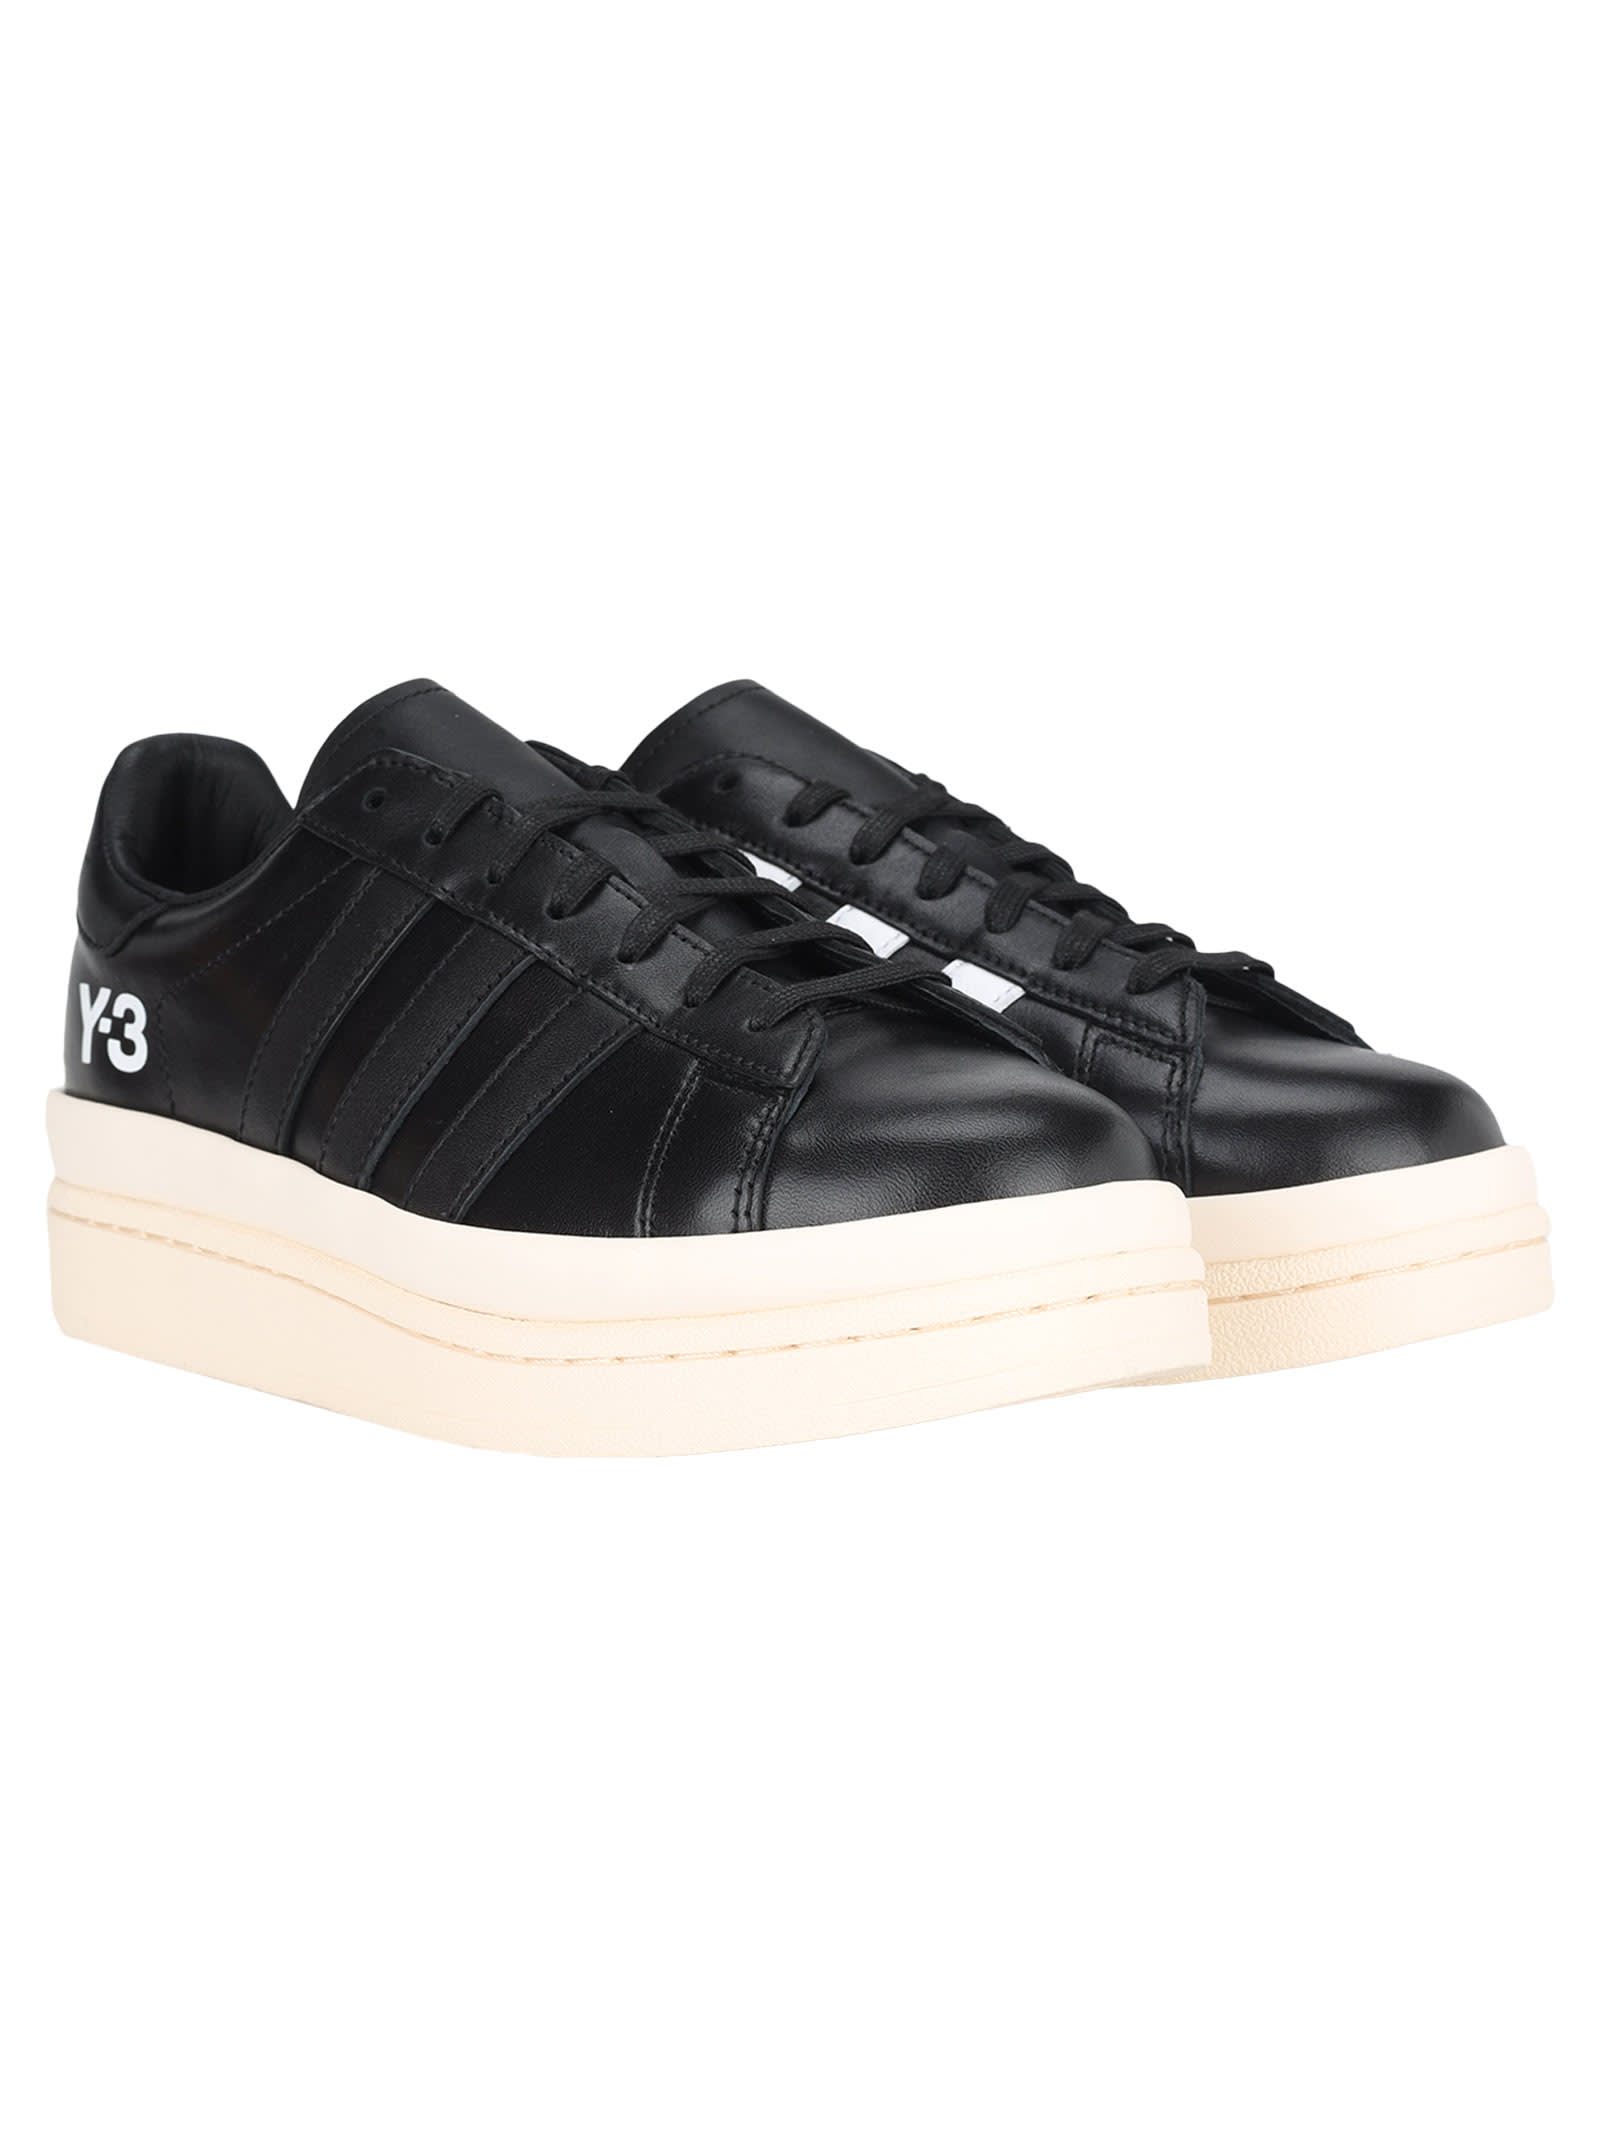 Particular Adidas Y3 Hicho Sneakers - Great Deals